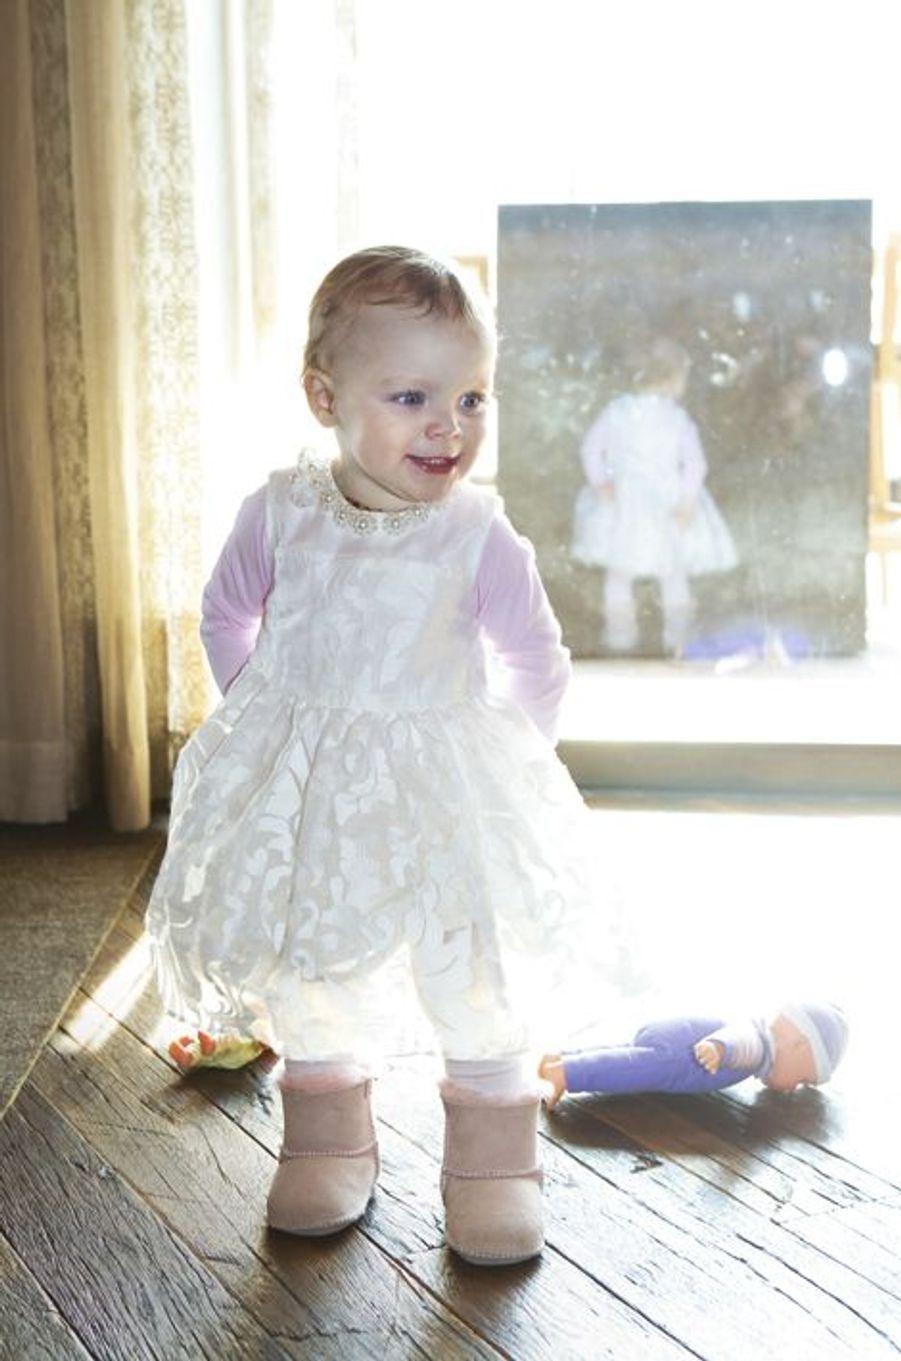 Un petit air malicieux pour une princesse qui sait déjà charmer son monde.